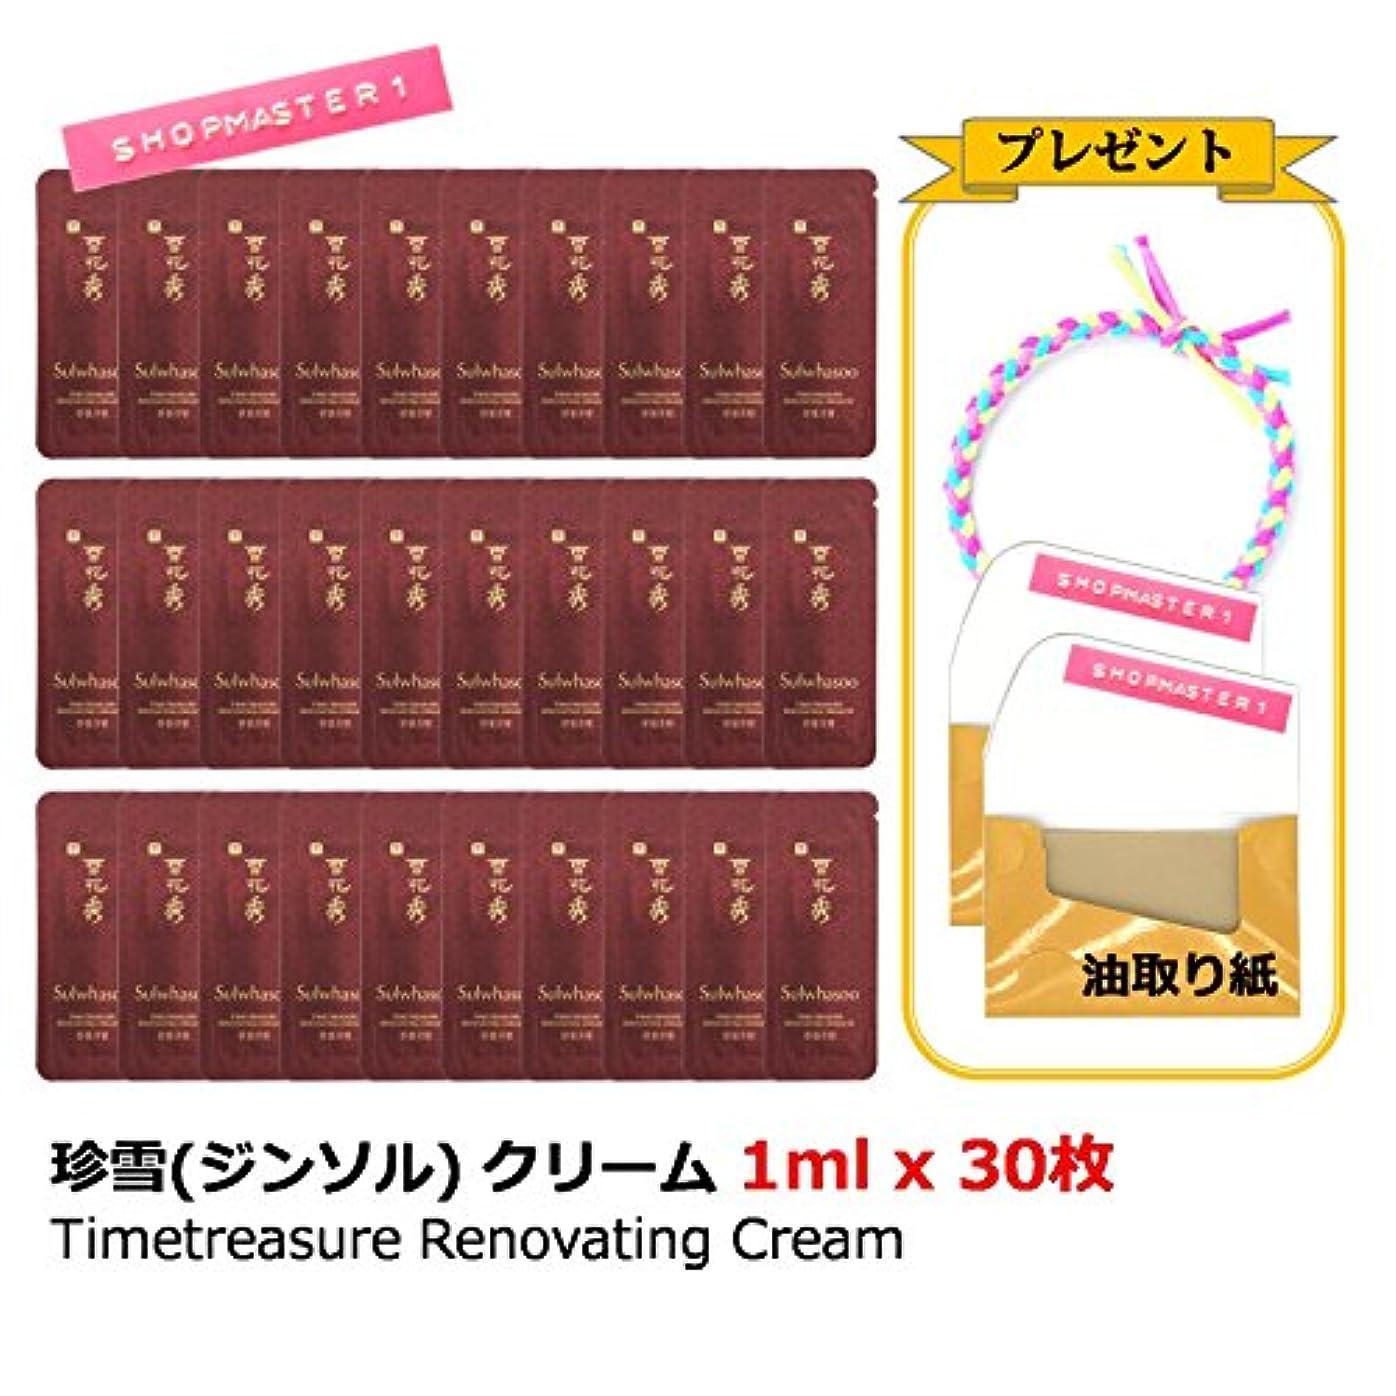 安らぎアパート励起【Sulwhasoo ソルファス】珍雪(ジンソル) クリーム 1ml x 30枚 Timetreasure Renovating Cream/プレゼント 油取り紙 2個(30枚ずつ)、ヘアタイ/海外直配送